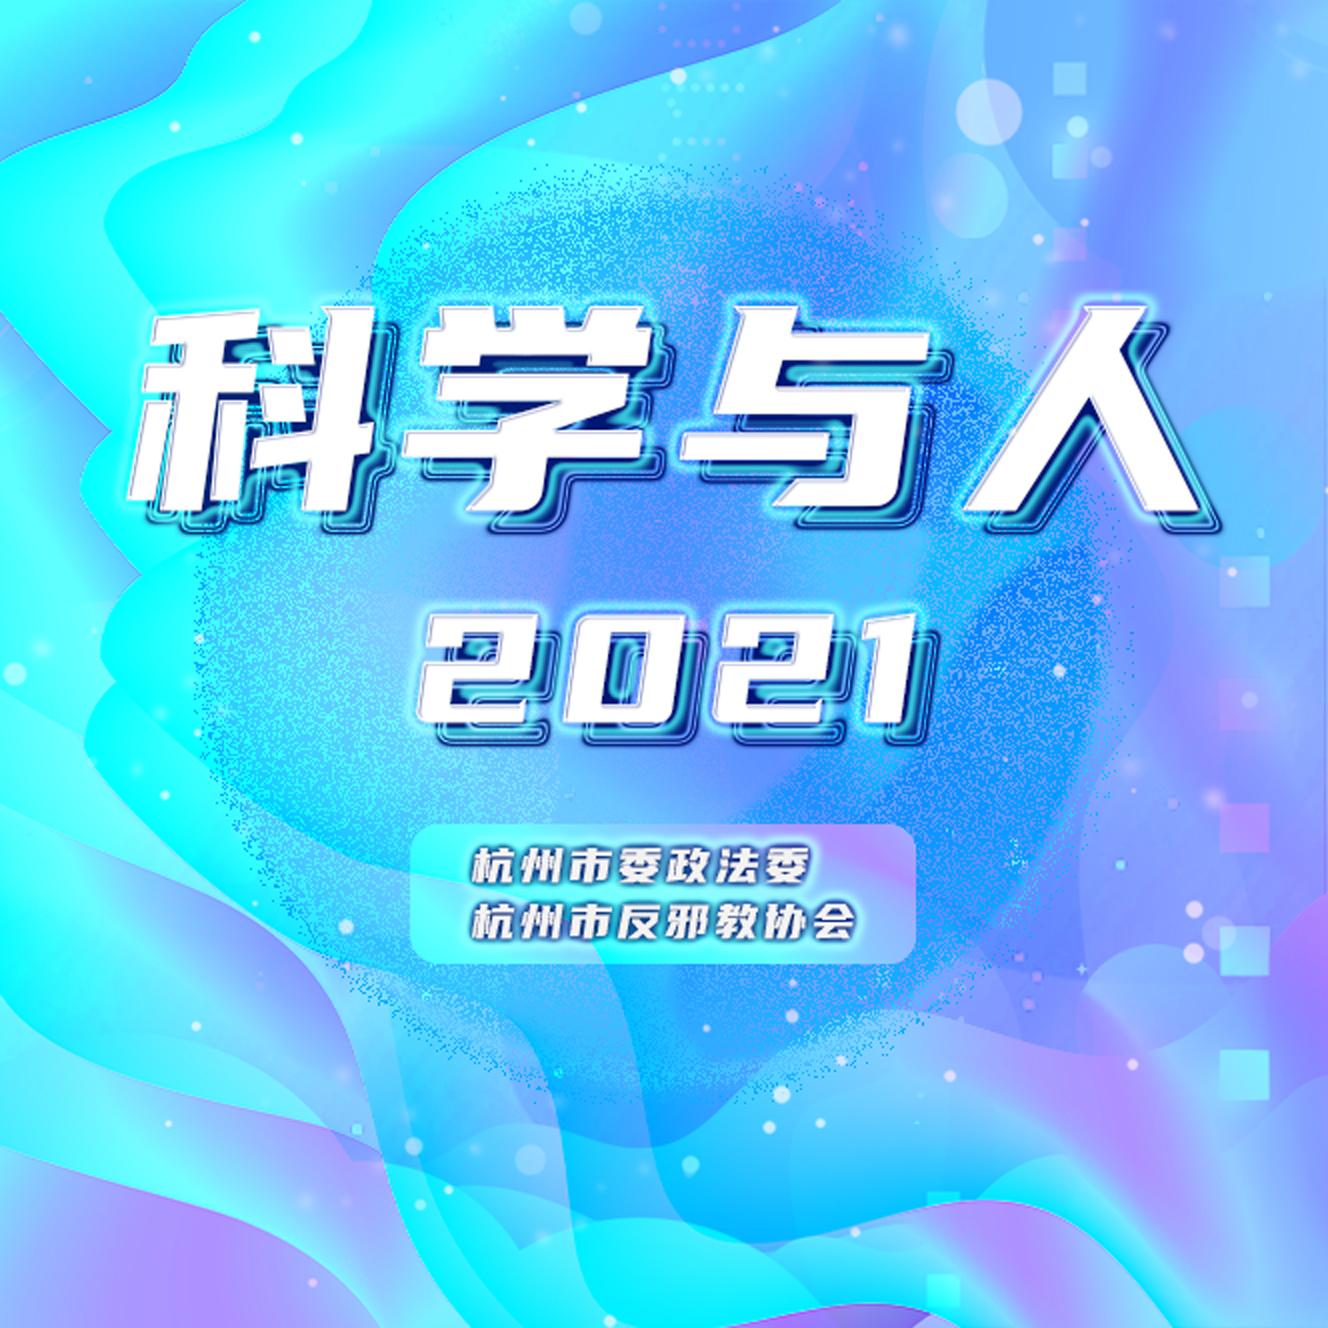 《科学与人》反邪专题栏目【2021】